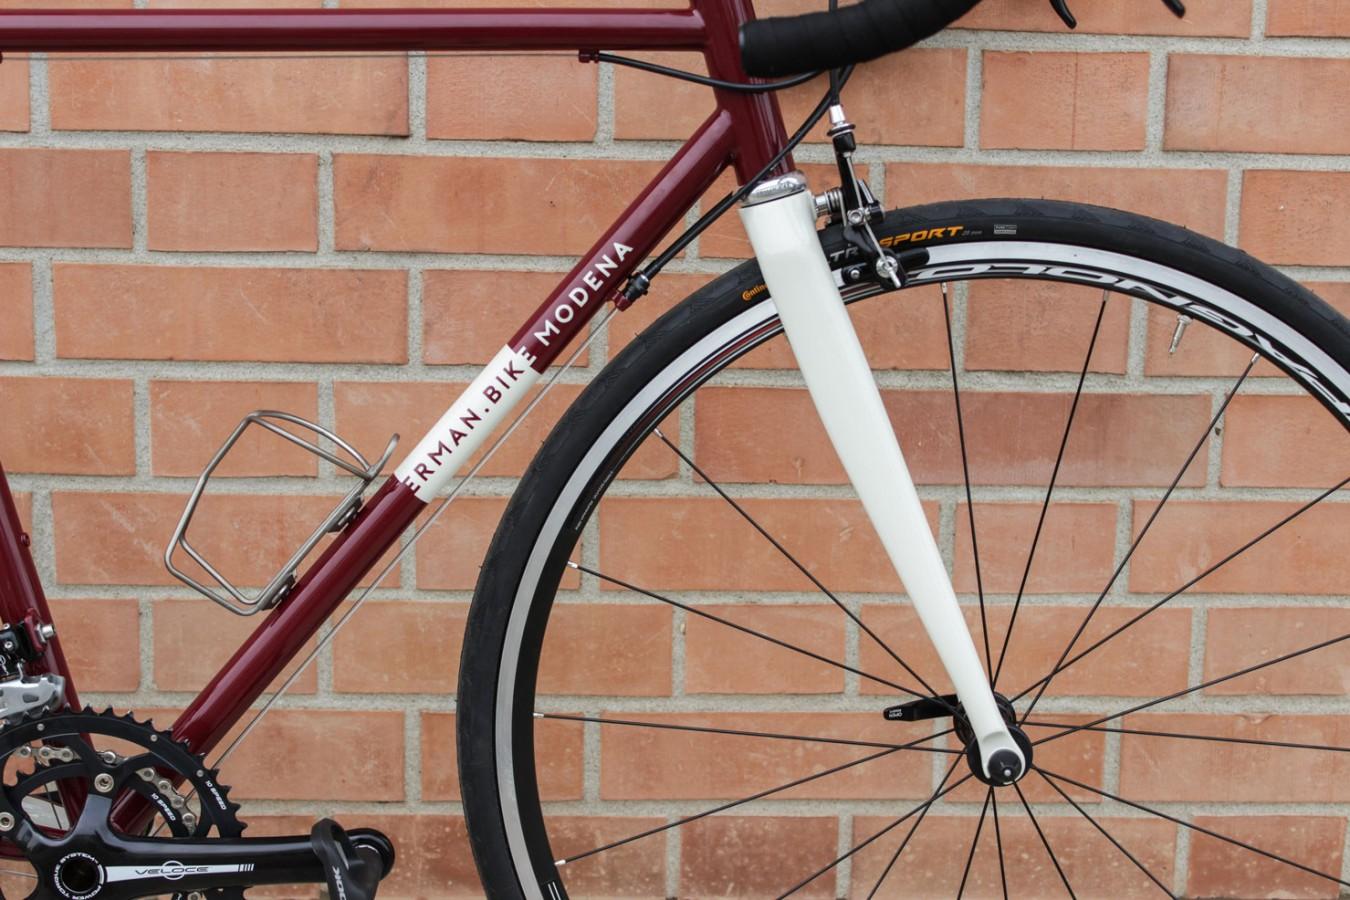 erman_bike_fassa_gardeccia_fedaia_baldo_lazy_team-1-4